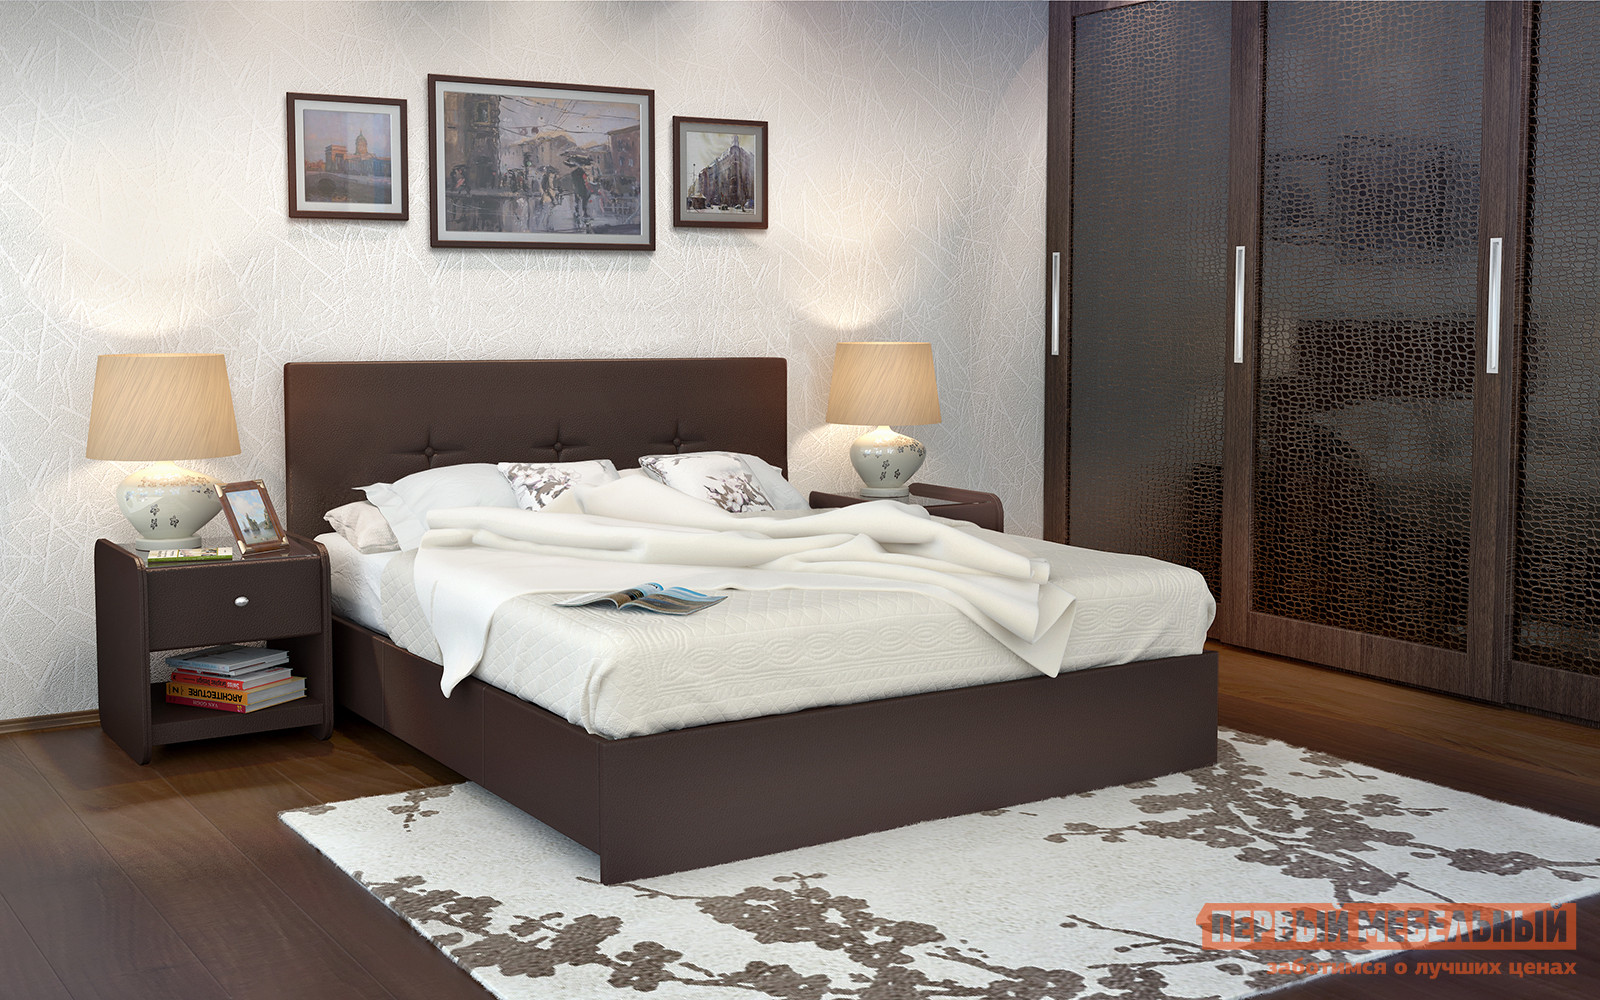 Полутороспальная кровать с подъемным механизмом Askona Isabella ПМ двуспальная кровать orlando аскона орландо с пм с подъемным механизмом 180 x 200